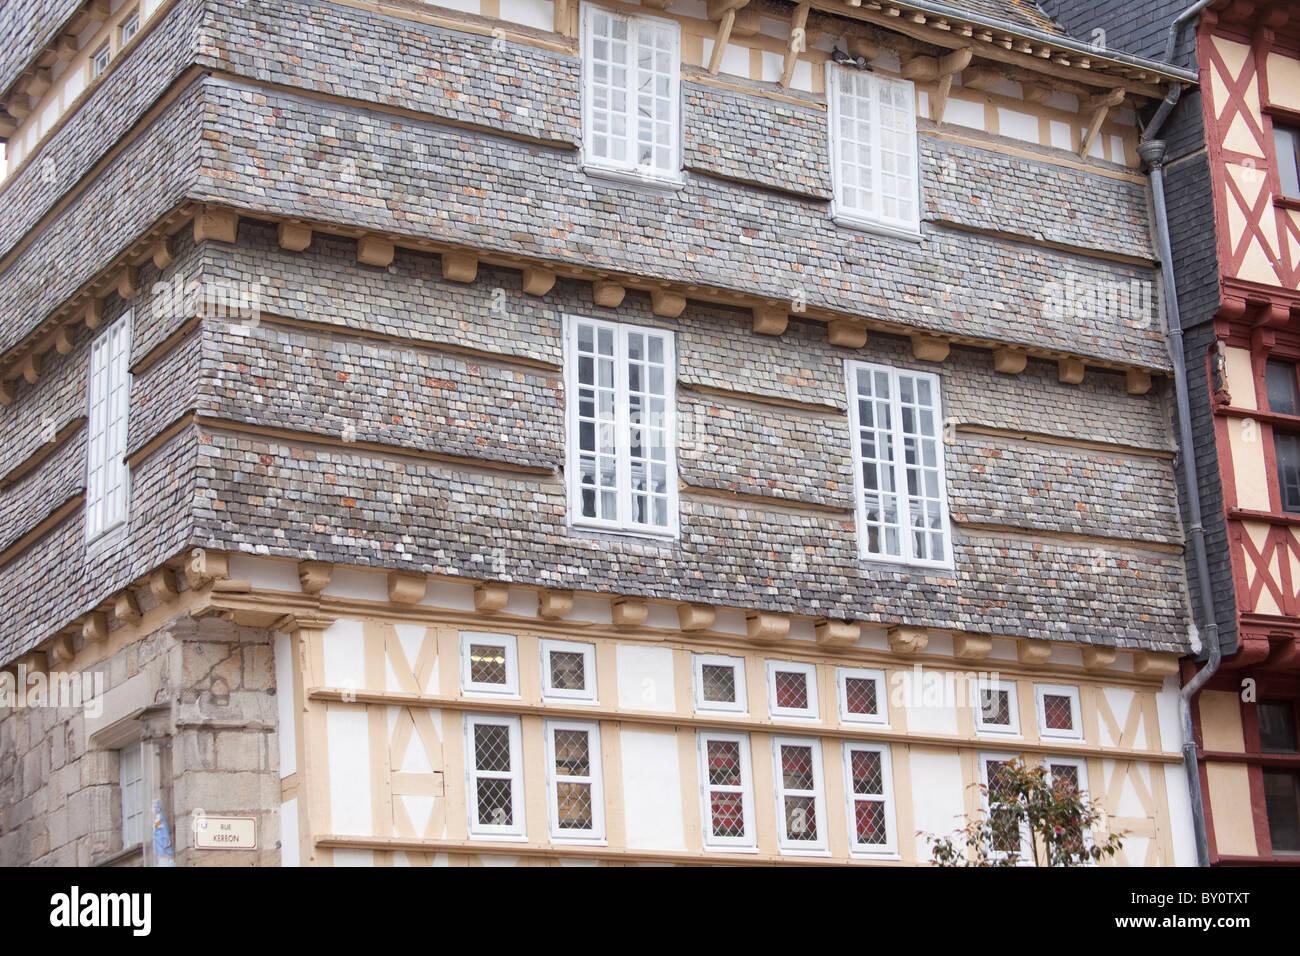 Rivestimento Esterno Casa : Casa a quimper brittany con rivestimento esterno di piastrelle a